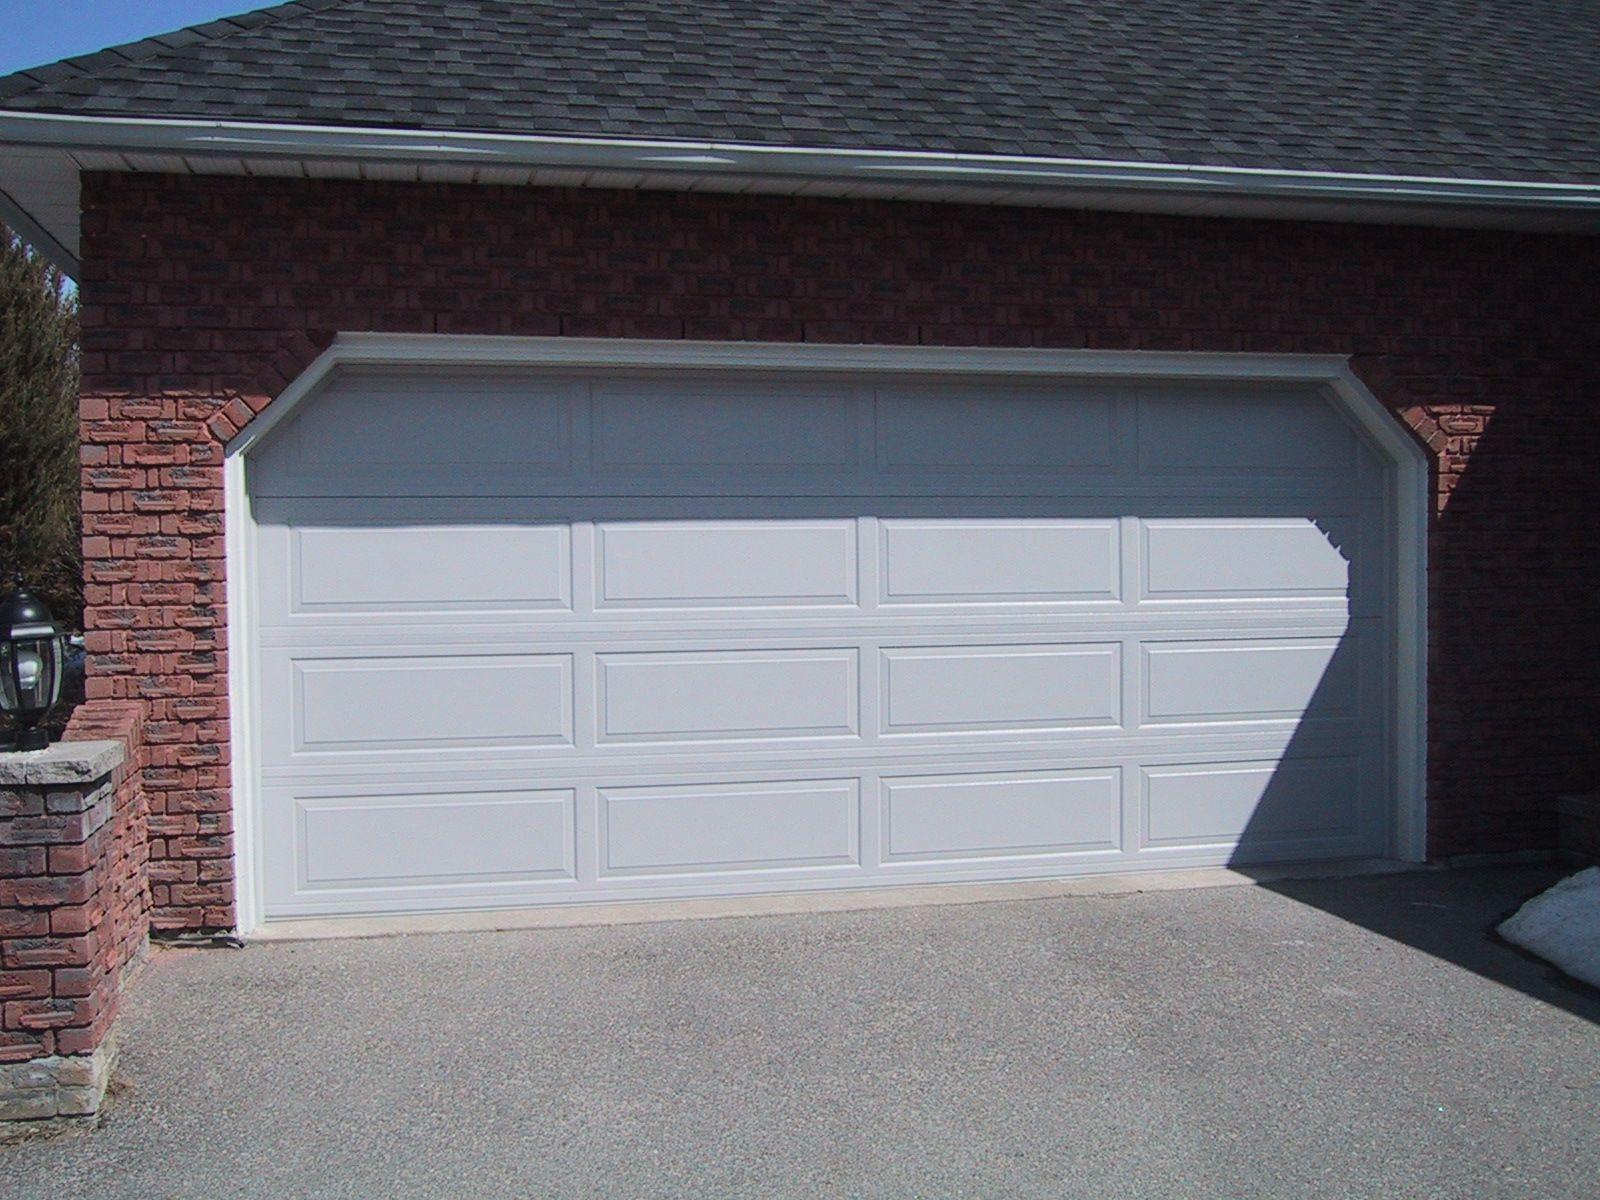 nc wayne steel raleigh doors white charleston repair garage dalton door ch home